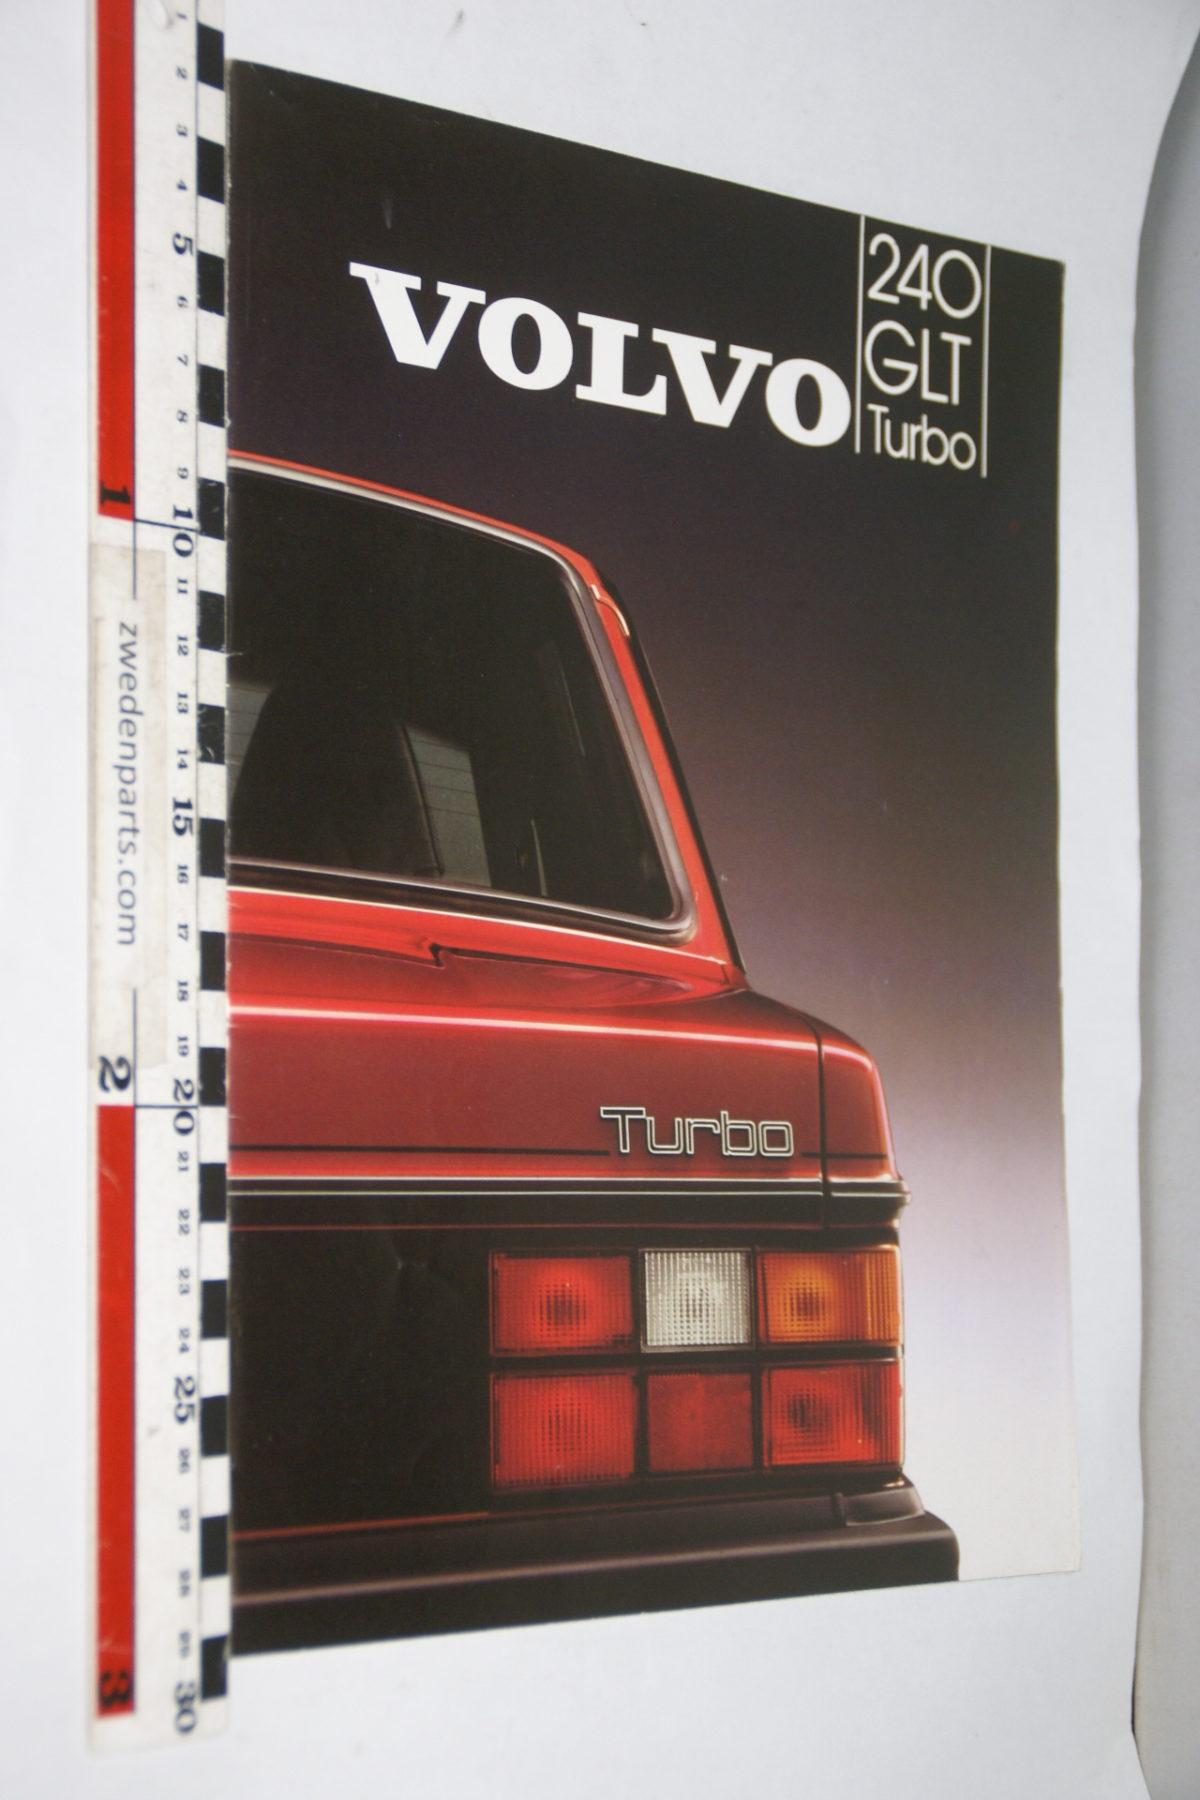 DSC07925 1983 brochure Volvo 240GLT Turbo nr MSPV 125-83, Svenska